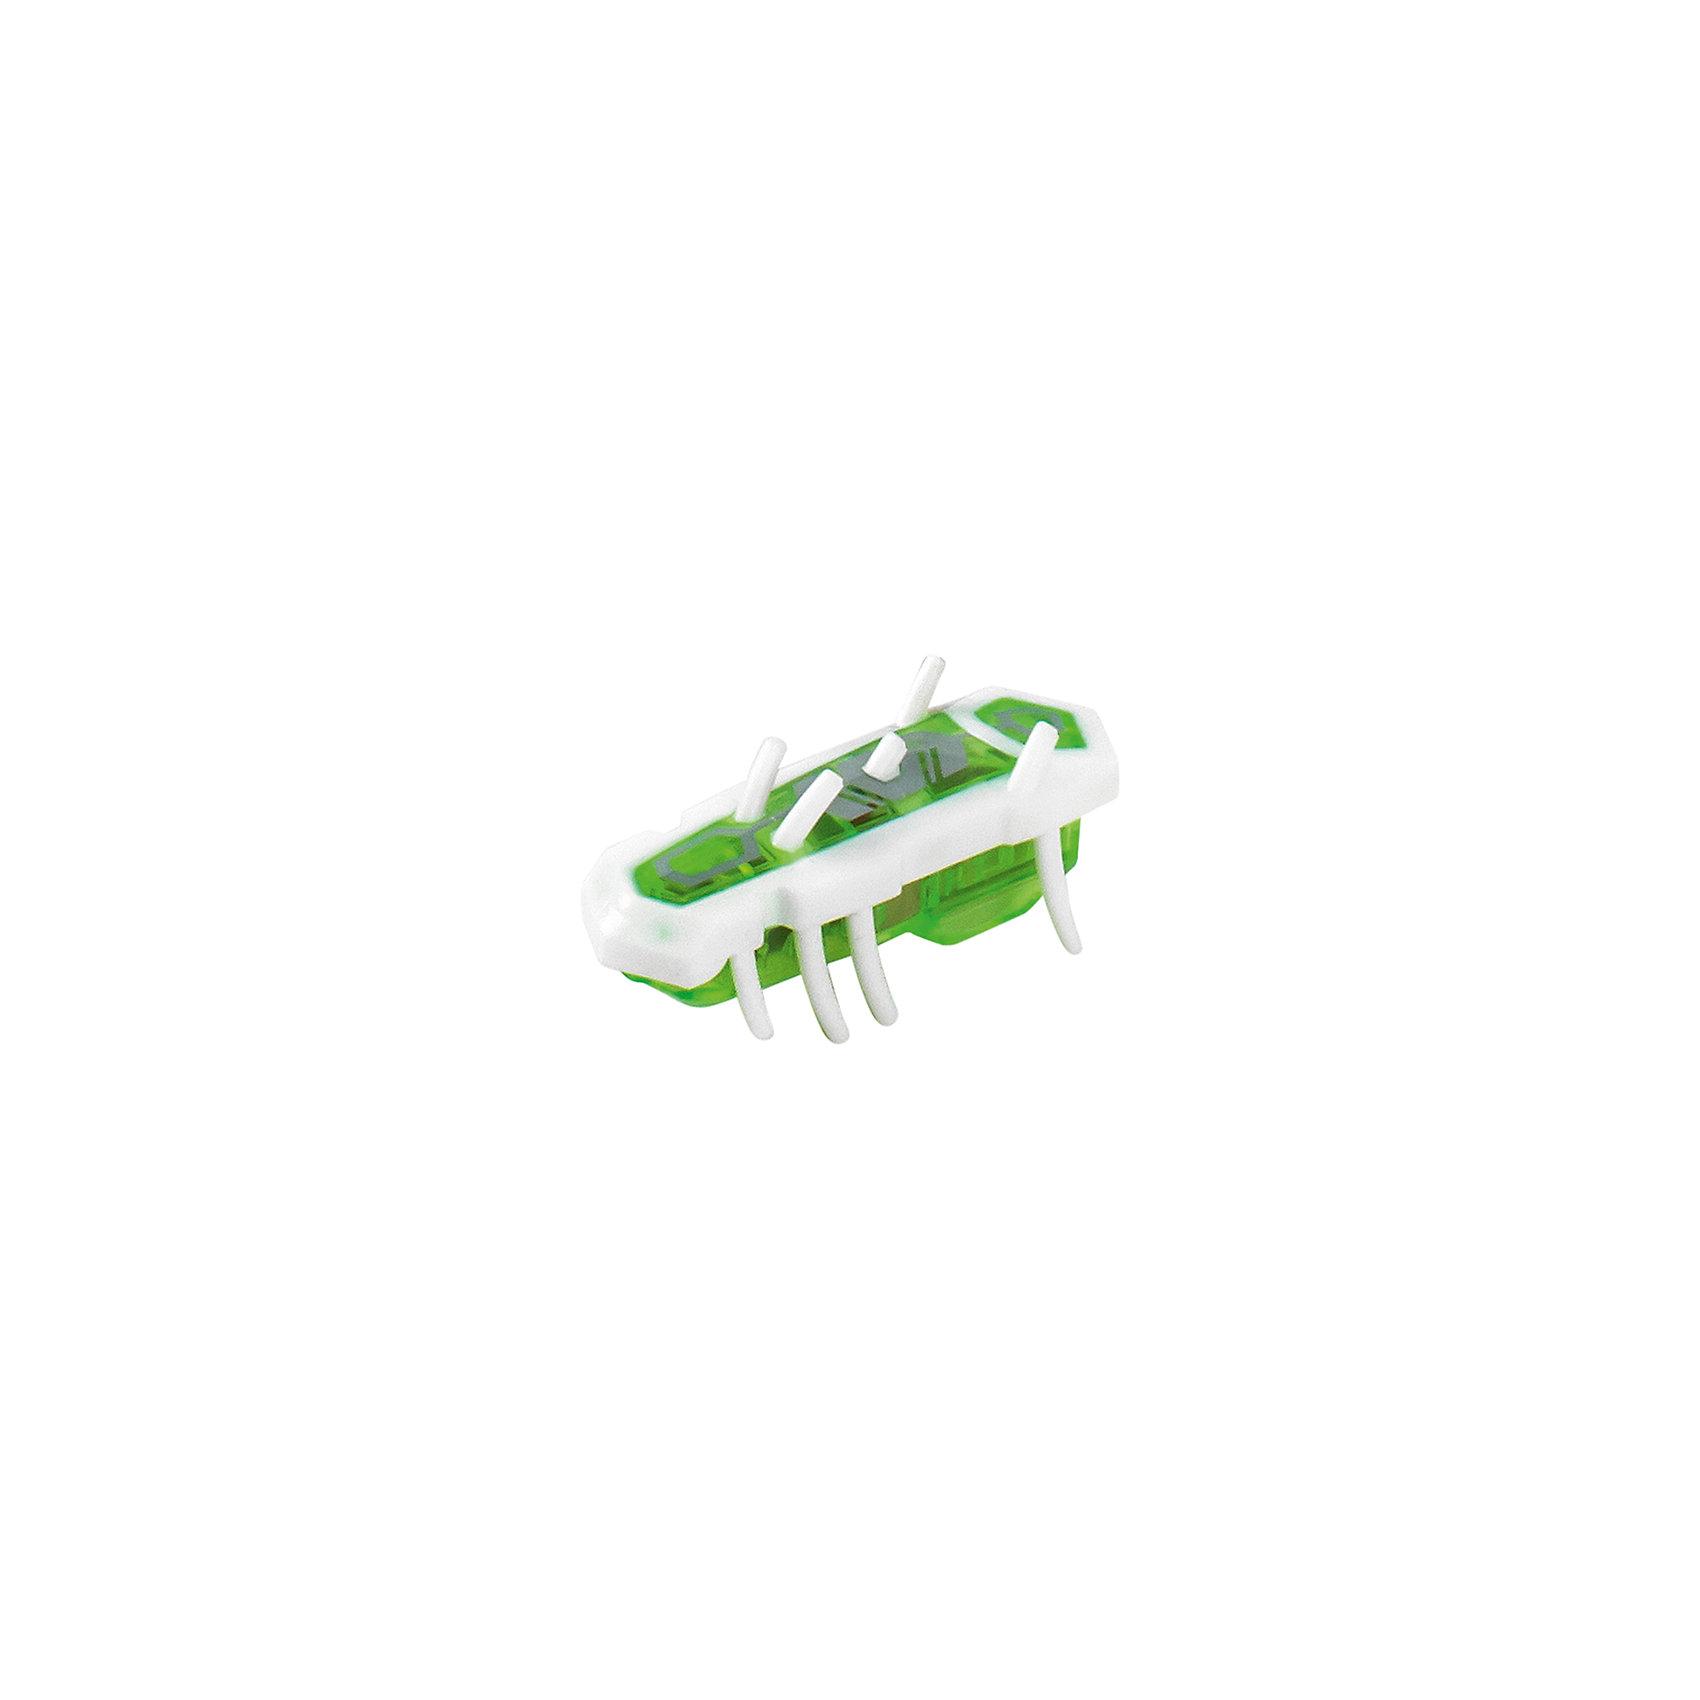 Микро-робот Nano Nitro Single, бело-зеленый, HexbugИнтерактивные животные<br>Микро-робот Nano Nitro Single, бело-зеленый, Hexbug (Хексбаг)<br><br>Характеристики:<br><br>• быстро меняет траекторию движения<br>• самостоятельно переворачивается<br>• карабкается наверх<br>• мощный моторчик<br>• устойчив к повреждениям<br>• 8 ножек снизу и 5 сверху<br>• батарейки: AG13 - 1 шт. (входит в комплект)<br>• размер: 1,4х2х4,2 см<br>• вес: 8 грамм<br>• цвет: бело-зеленый<br>• материал: пластик<br>• размер упаковки: 13х5х3 см<br>• вес: 65 грамм<br><br>Микро-робот Nano Nitro Single очень напоминает настоящего жучка. Он также быстро бегает, меняет траекторию движения и даже самостоятельно переворачивается в случае падения. Благодаря усовершенствованному моторчику жучок способен карабкаться наверх по специальным трубочкам. Игрушка подходит для старых и новых моделей нанодромов Hexbug.<br><br>Микро-робота Nano Nitro Single, бело-зеленый, Hexbug (Хексбаг) вы можете купить в нашем интернет-магазине.<br><br>Ширина мм: 130<br>Глубина мм: 25<br>Высота мм: 25<br>Вес г: 30<br>Возраст от месяцев: 36<br>Возраст до месяцев: 2147483647<br>Пол: Унисекс<br>Возраст: Детский<br>SKU: 5507227